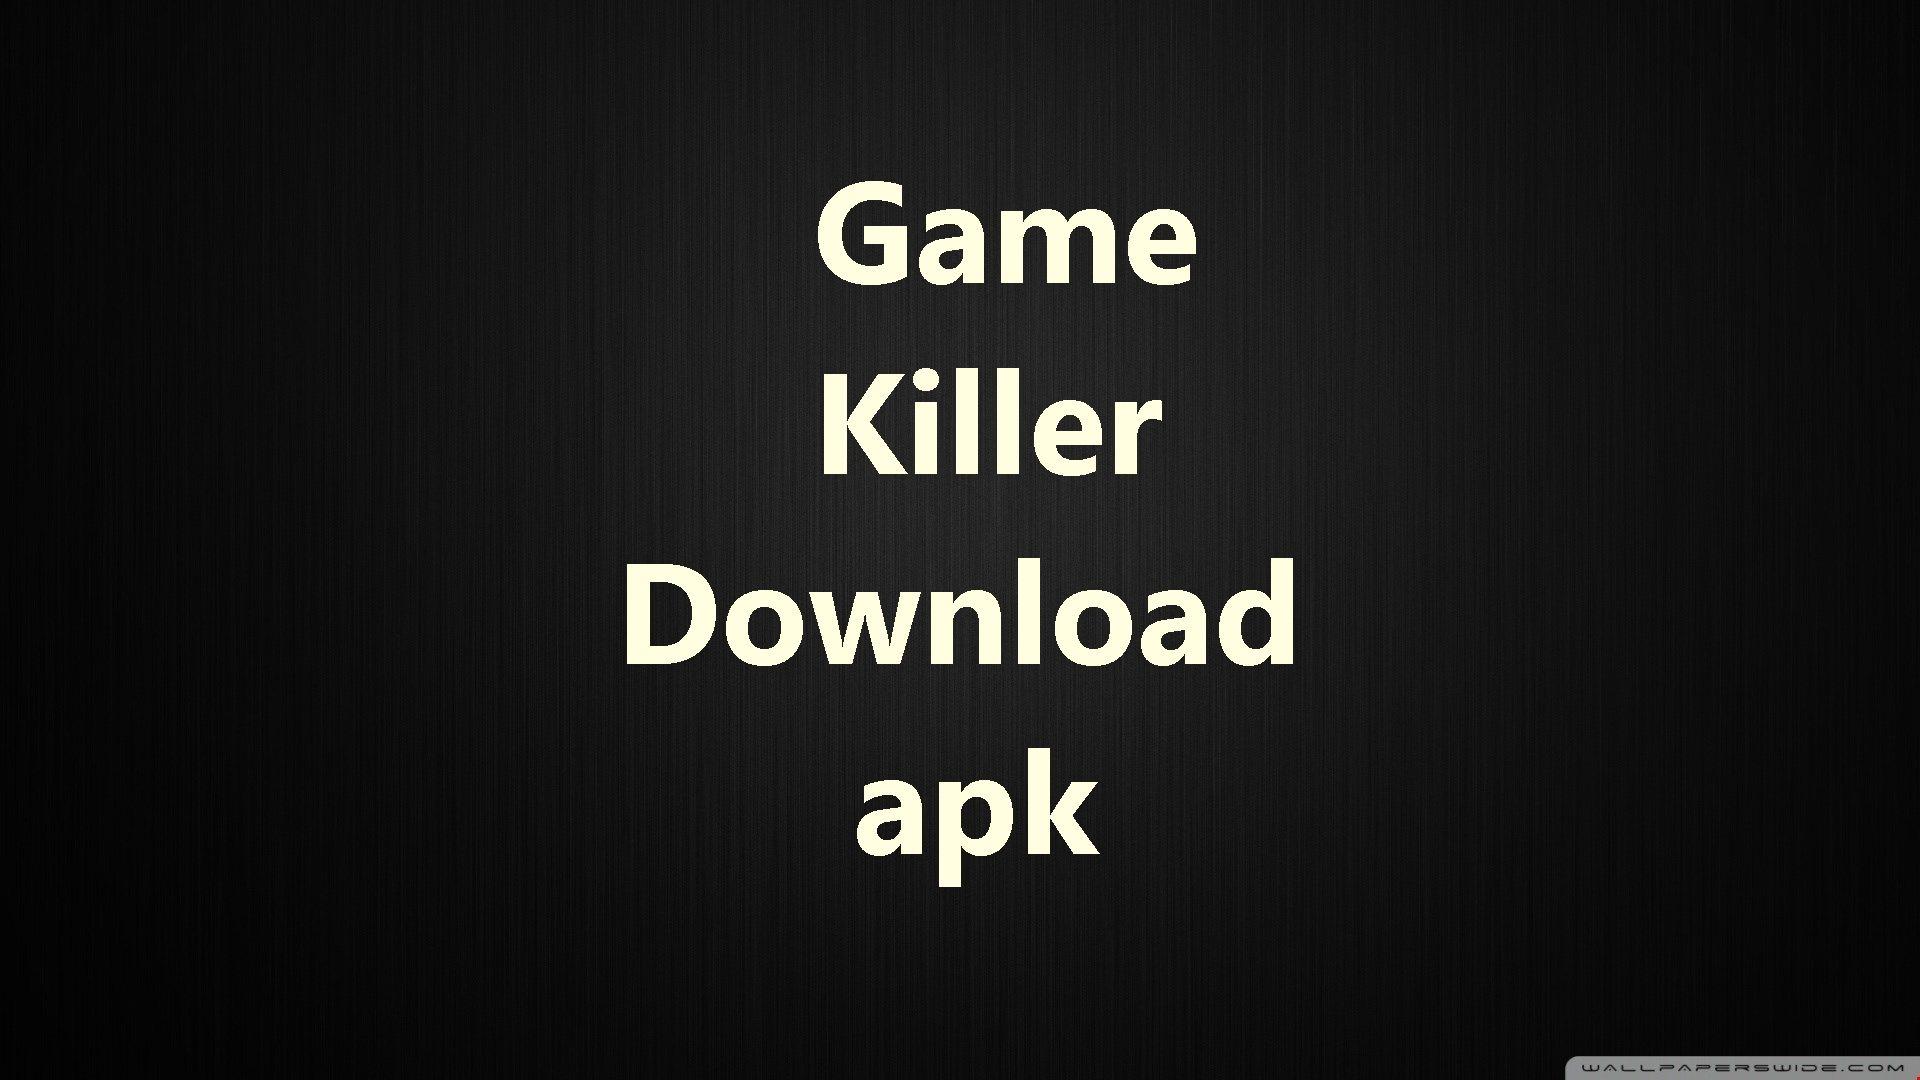 gamekiller скачать на айфон